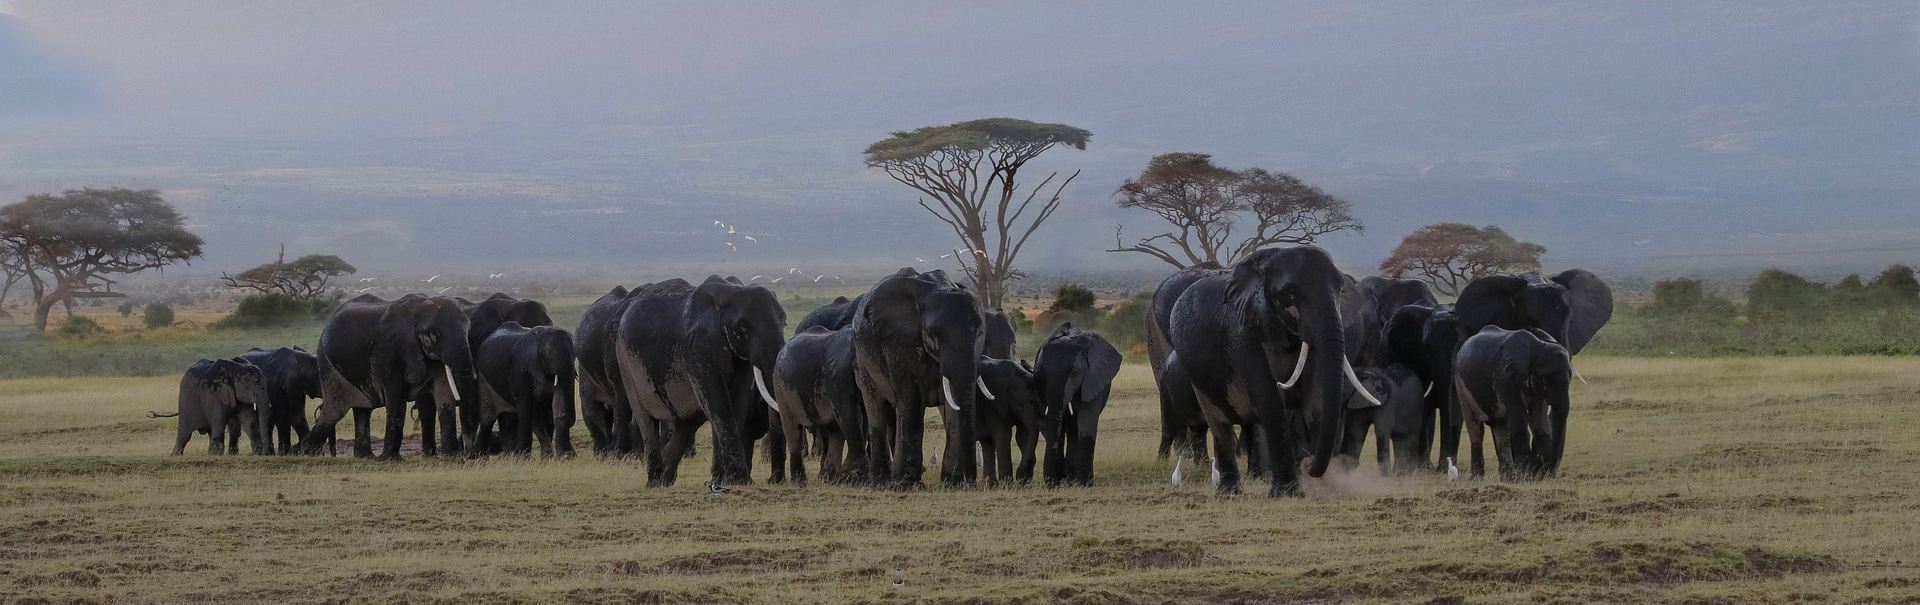 Serengeti with Kenya Tanzania (SHAF3) Banner